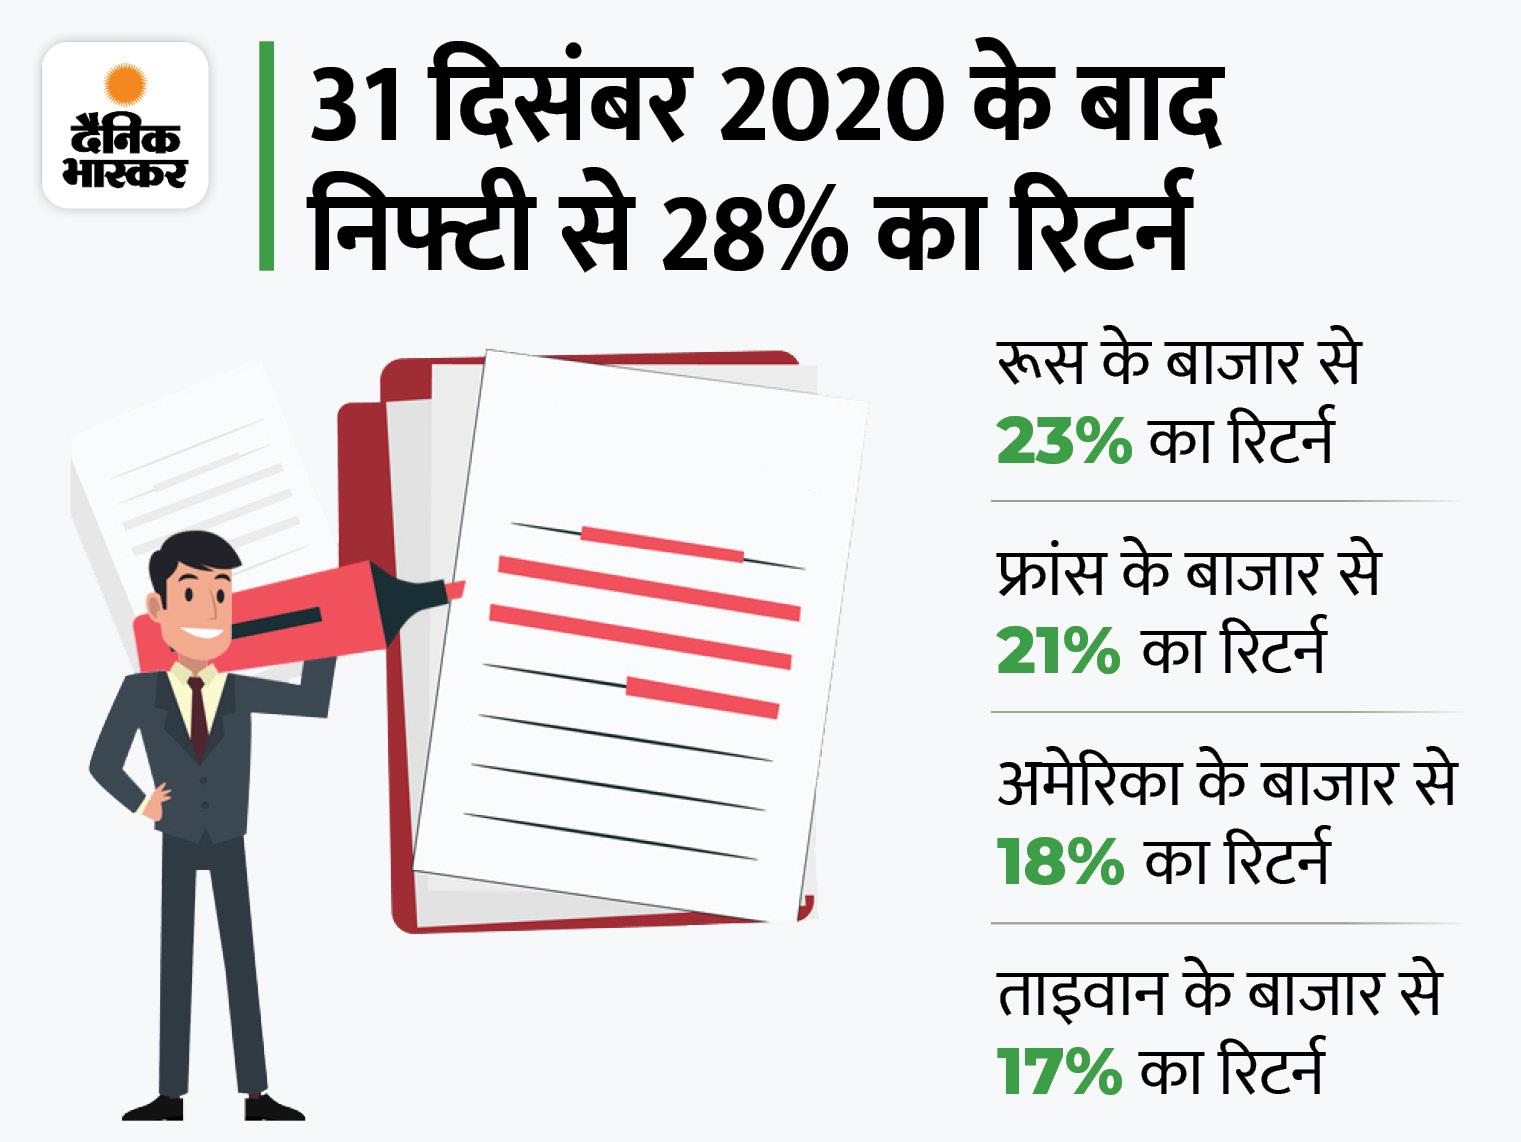 सेंसेक्स के 50 से 60 हजार के सफर में इंफोसिस के शेयर का ज्यादा योगदान, बजाज फिनसर्व का शेयर सबसे ज्यादा बढ़ा|बिजनेस,Business - Dainik Bhaskar